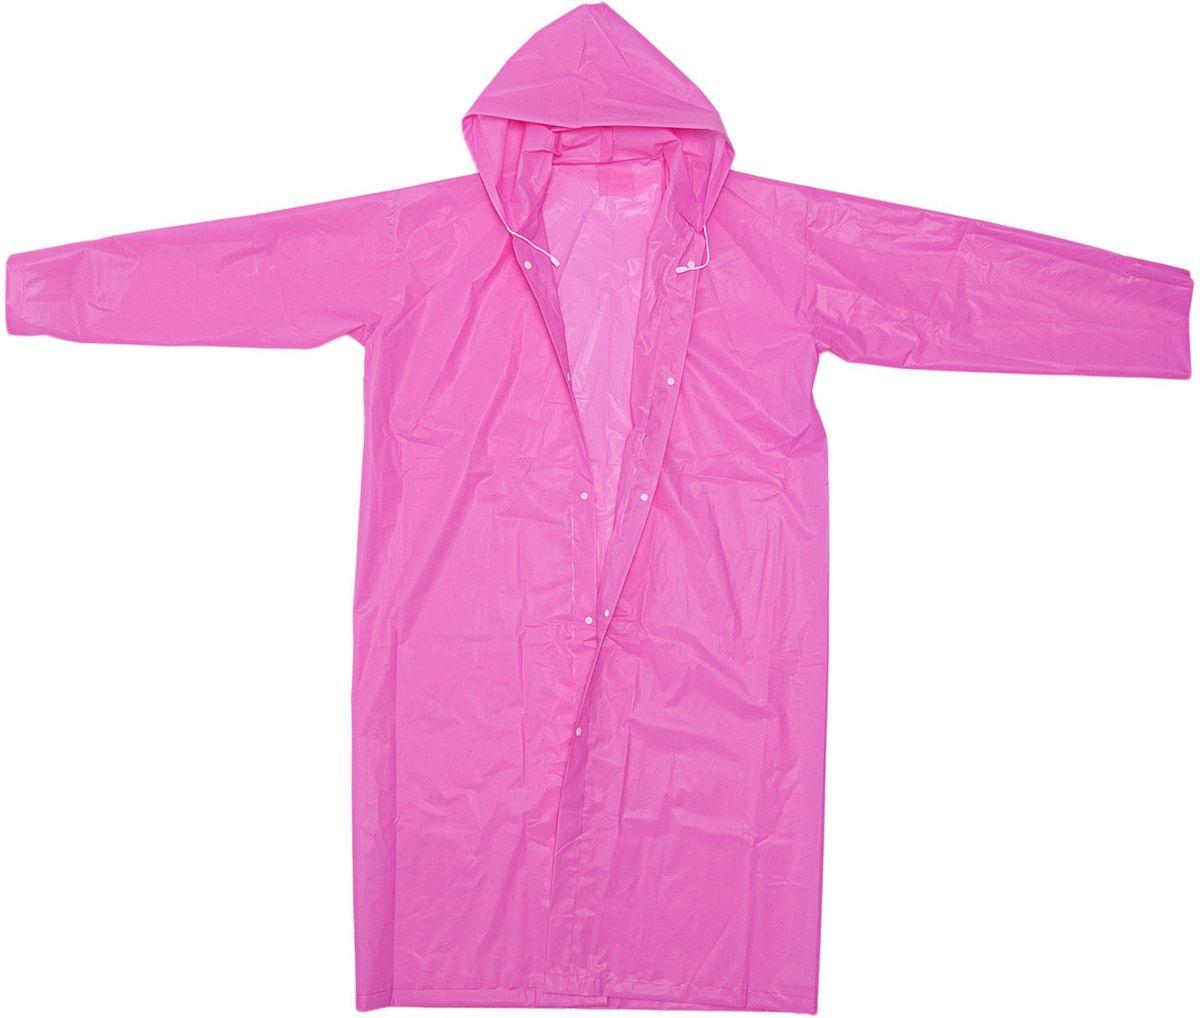 Плащ-дождевик Homsu, цвет: розовый, 115 х 126 смR-111Дождевик из прочного водонепроницаемого материала с капюшоном, застегивается на кнопки. Свободный покрой позволяет надевать дождевик поверх рюкзака и объемной одежды, а яркая расцветка не даст скучать в дождливую погоду! Размер изделия: 115х126см